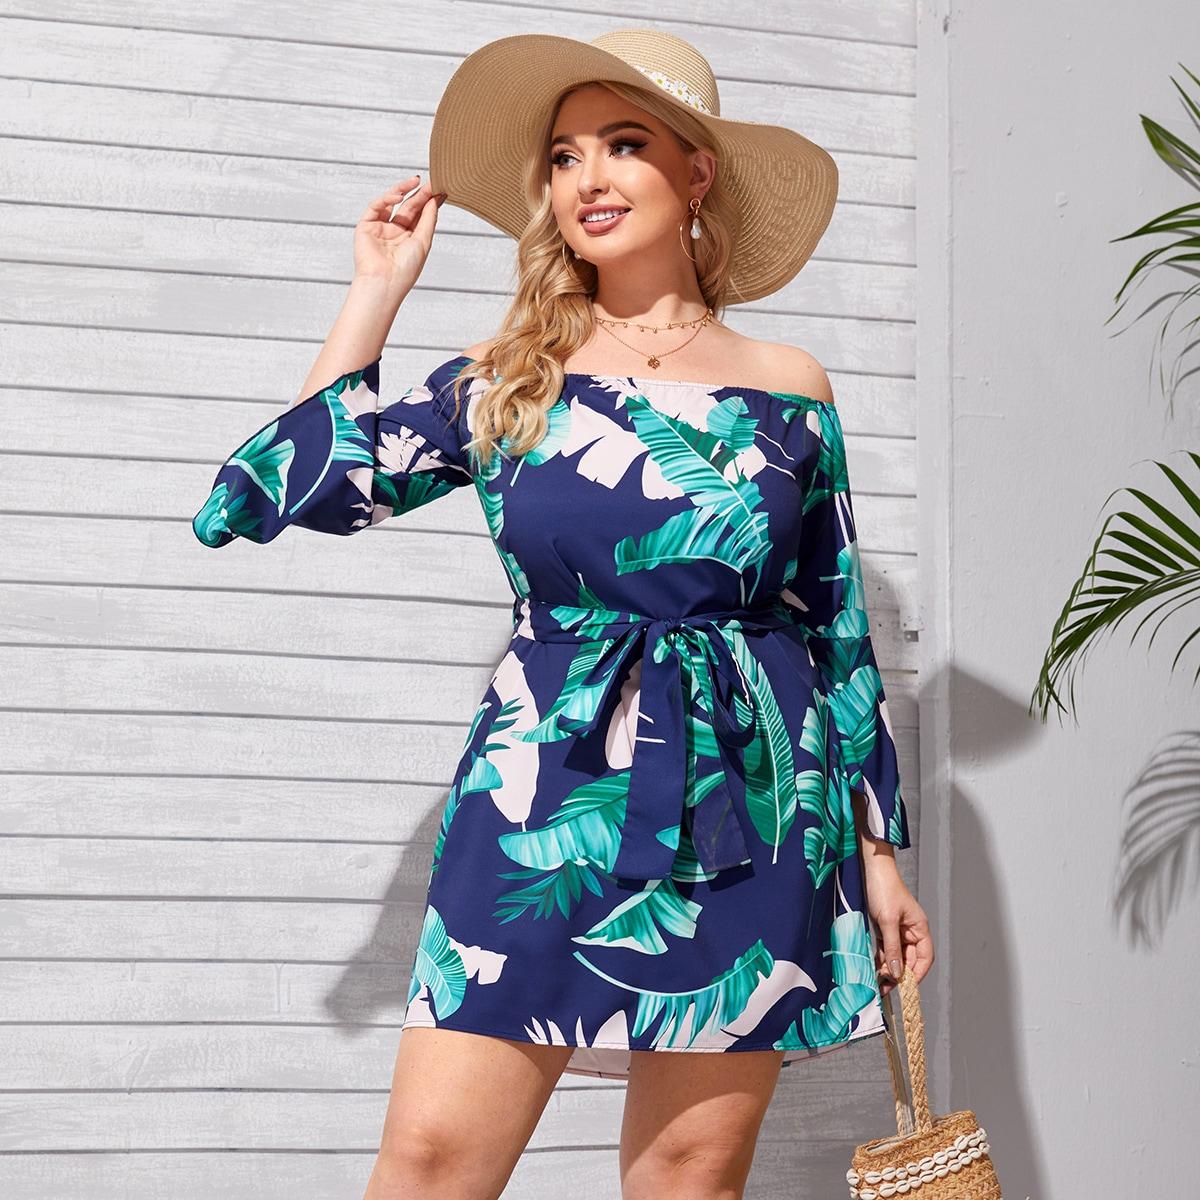 Платье размера плюс с открытыми плечами, поясом и тропическим принтом